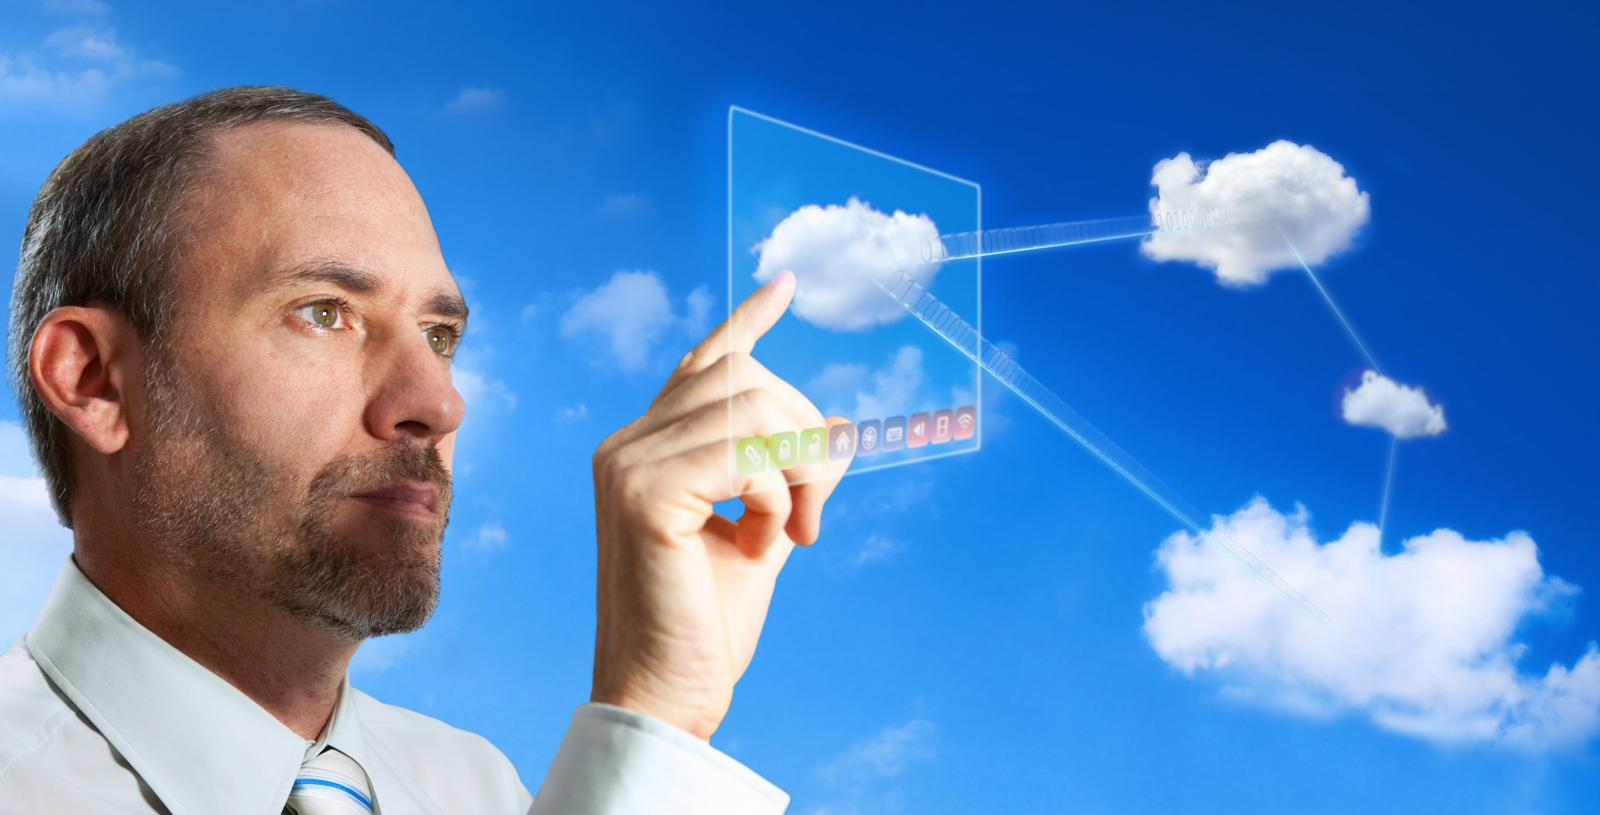 Các công ty công nghệ lớn đang chuyển sang dịch vụ điện toán đám mây lưu trữ